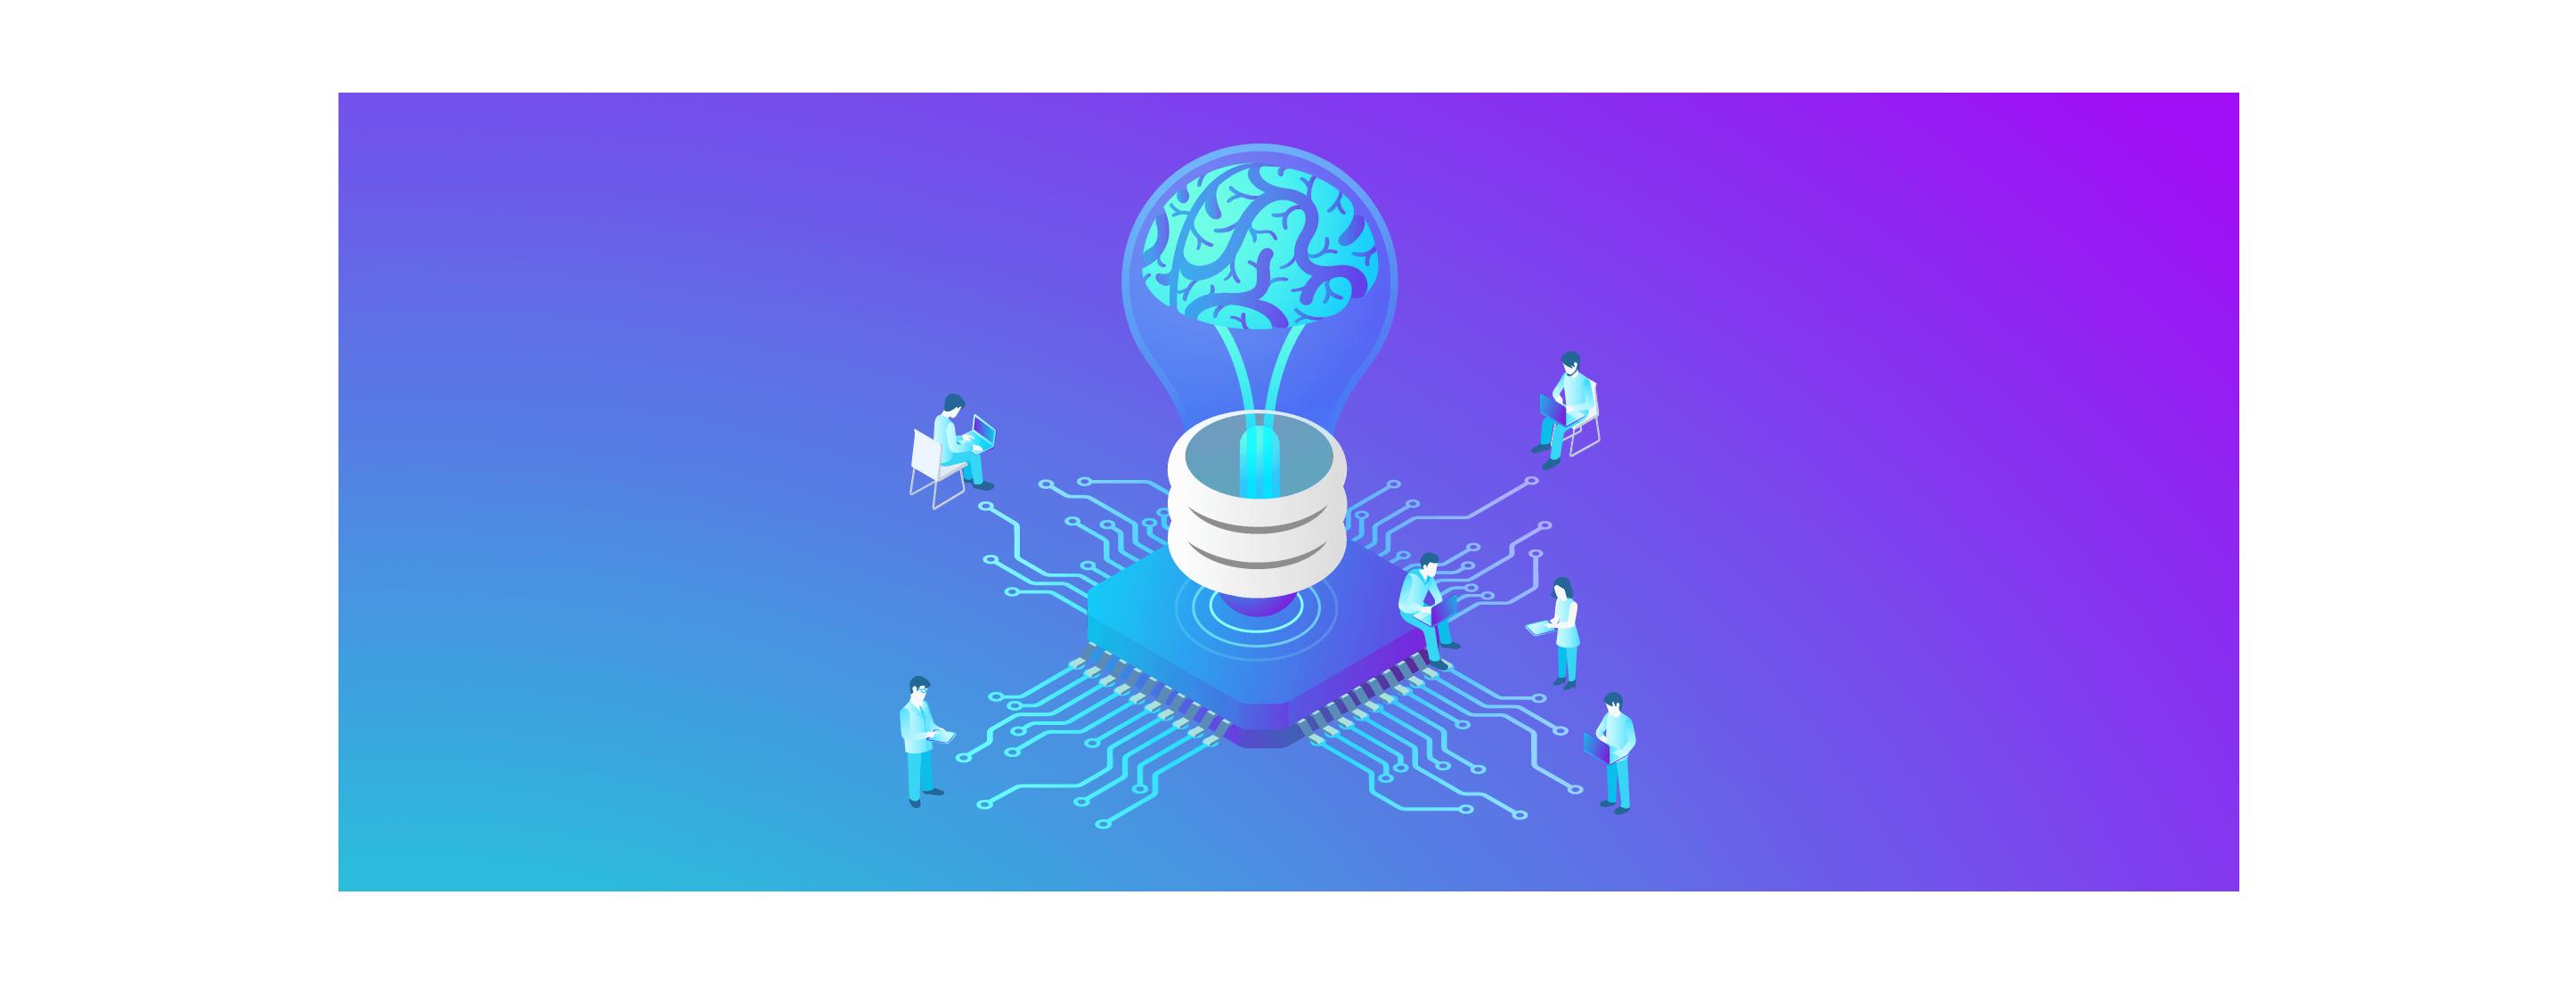 نقشه راه یادگیری ماشین